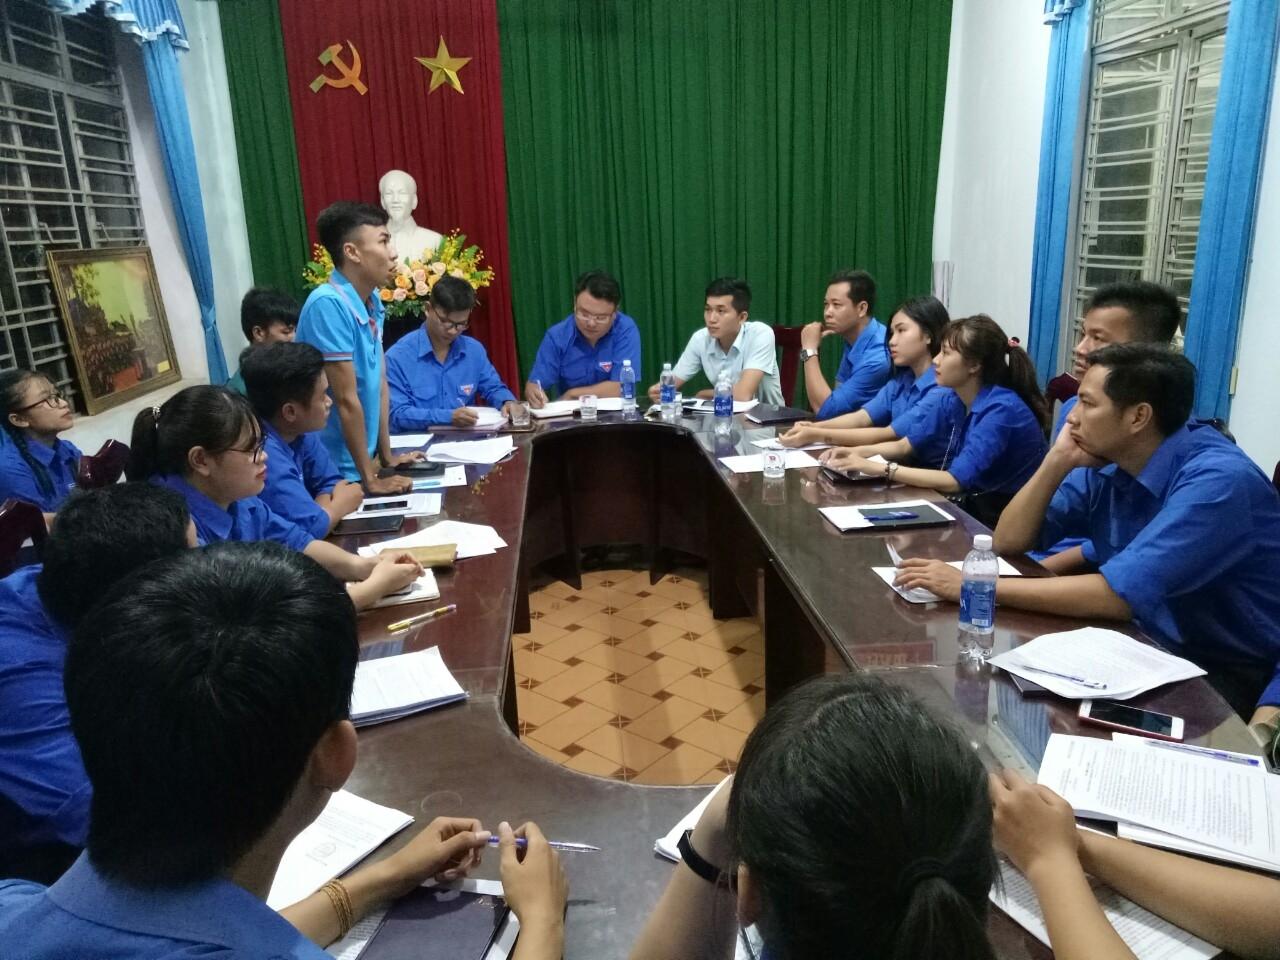 Hòa Khánh Bắc tổ chức hội nghị Sơ kết công tác Đoàn và phong trào thanh thiếu nhi 6 tháng đầu năm 2018